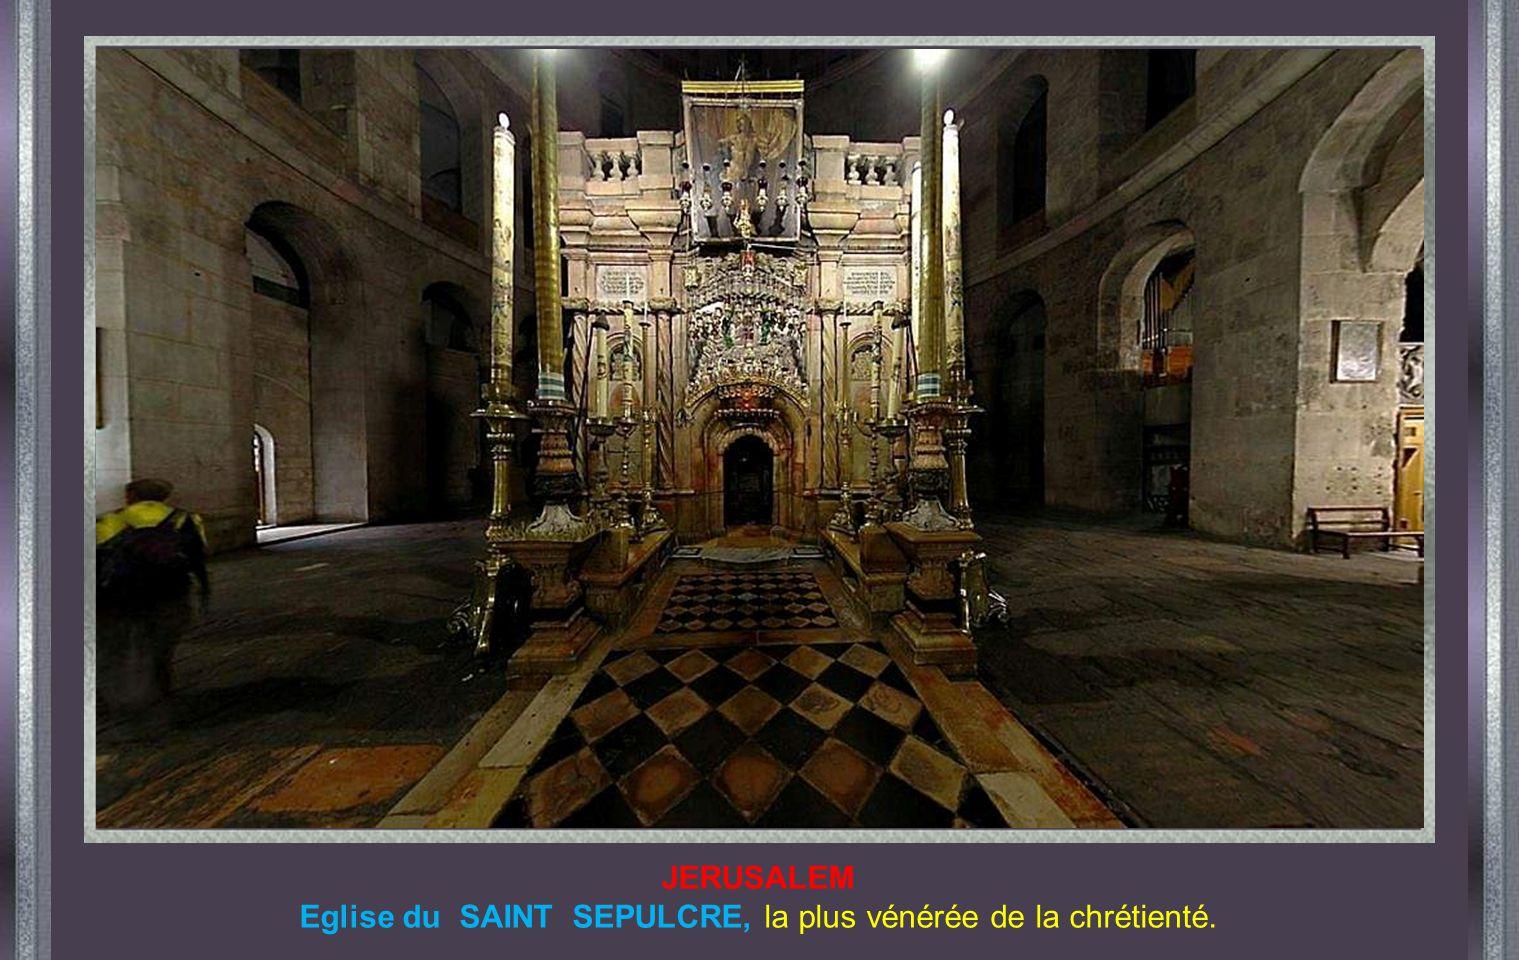 Eglise du SAINT SEPULCRE, la plus vénérée de la chrétienté.